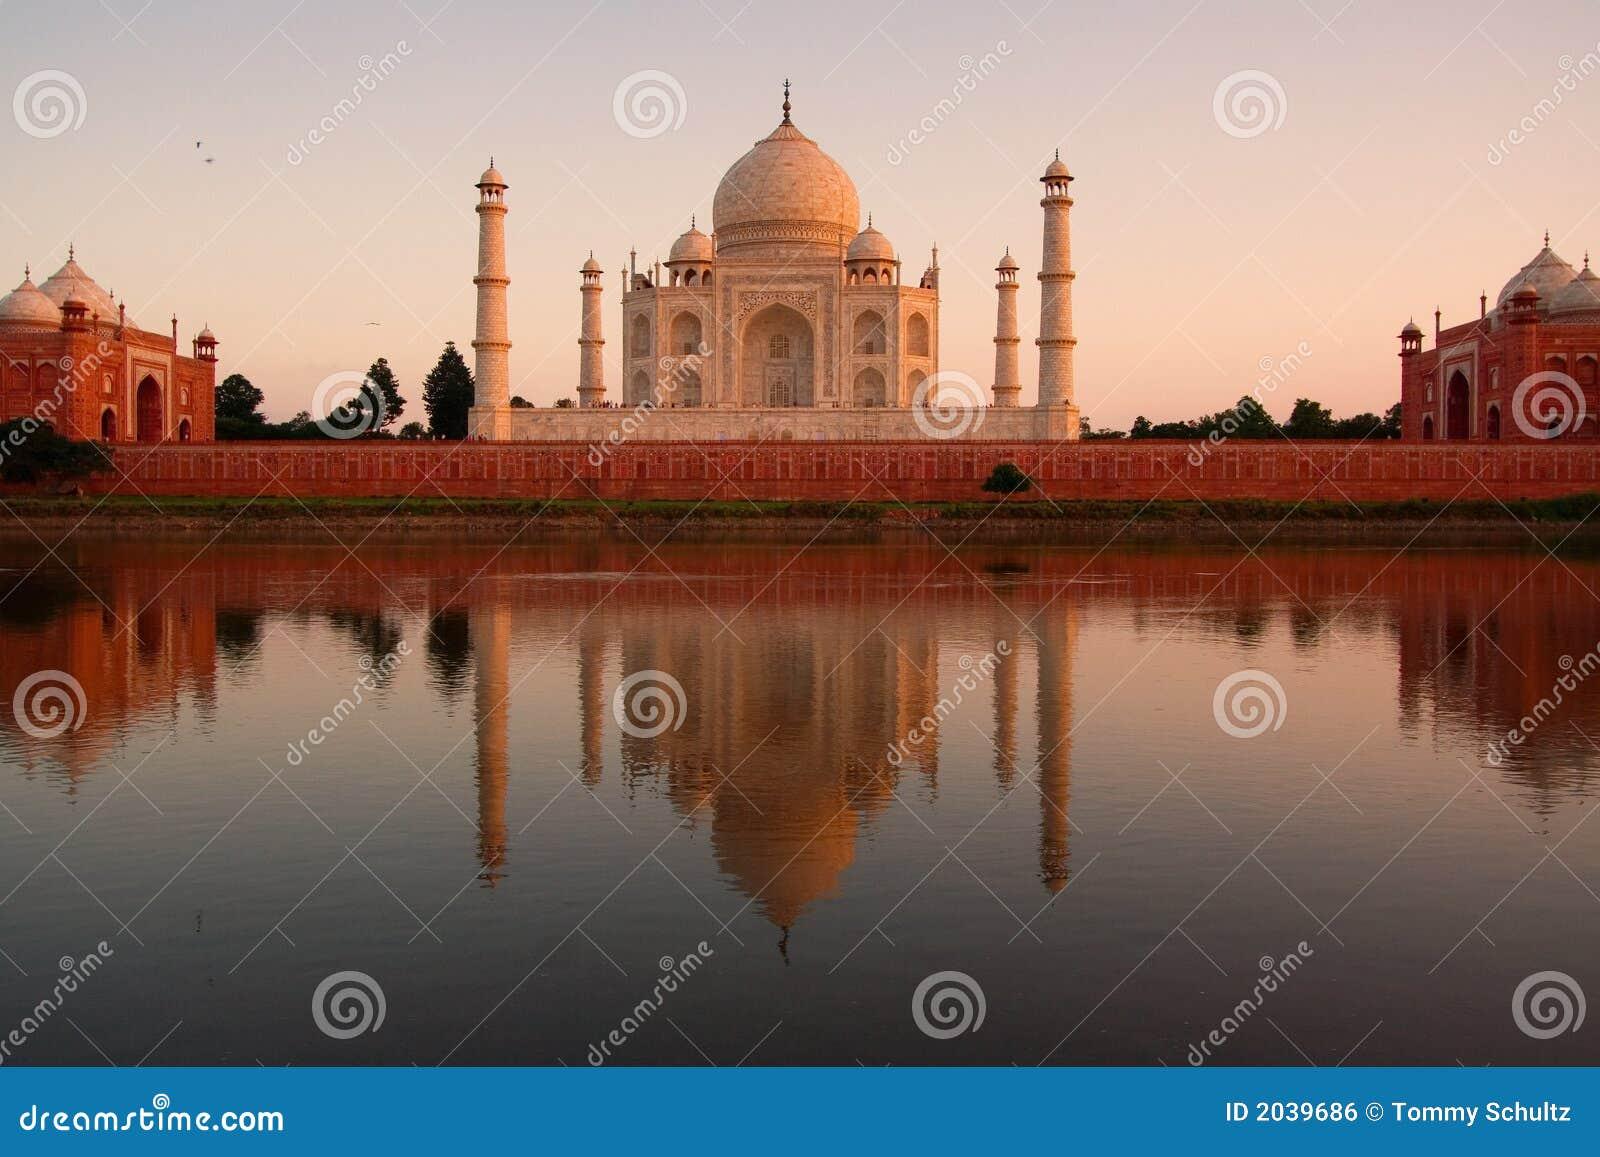 Taj Mahal reflejado en el río